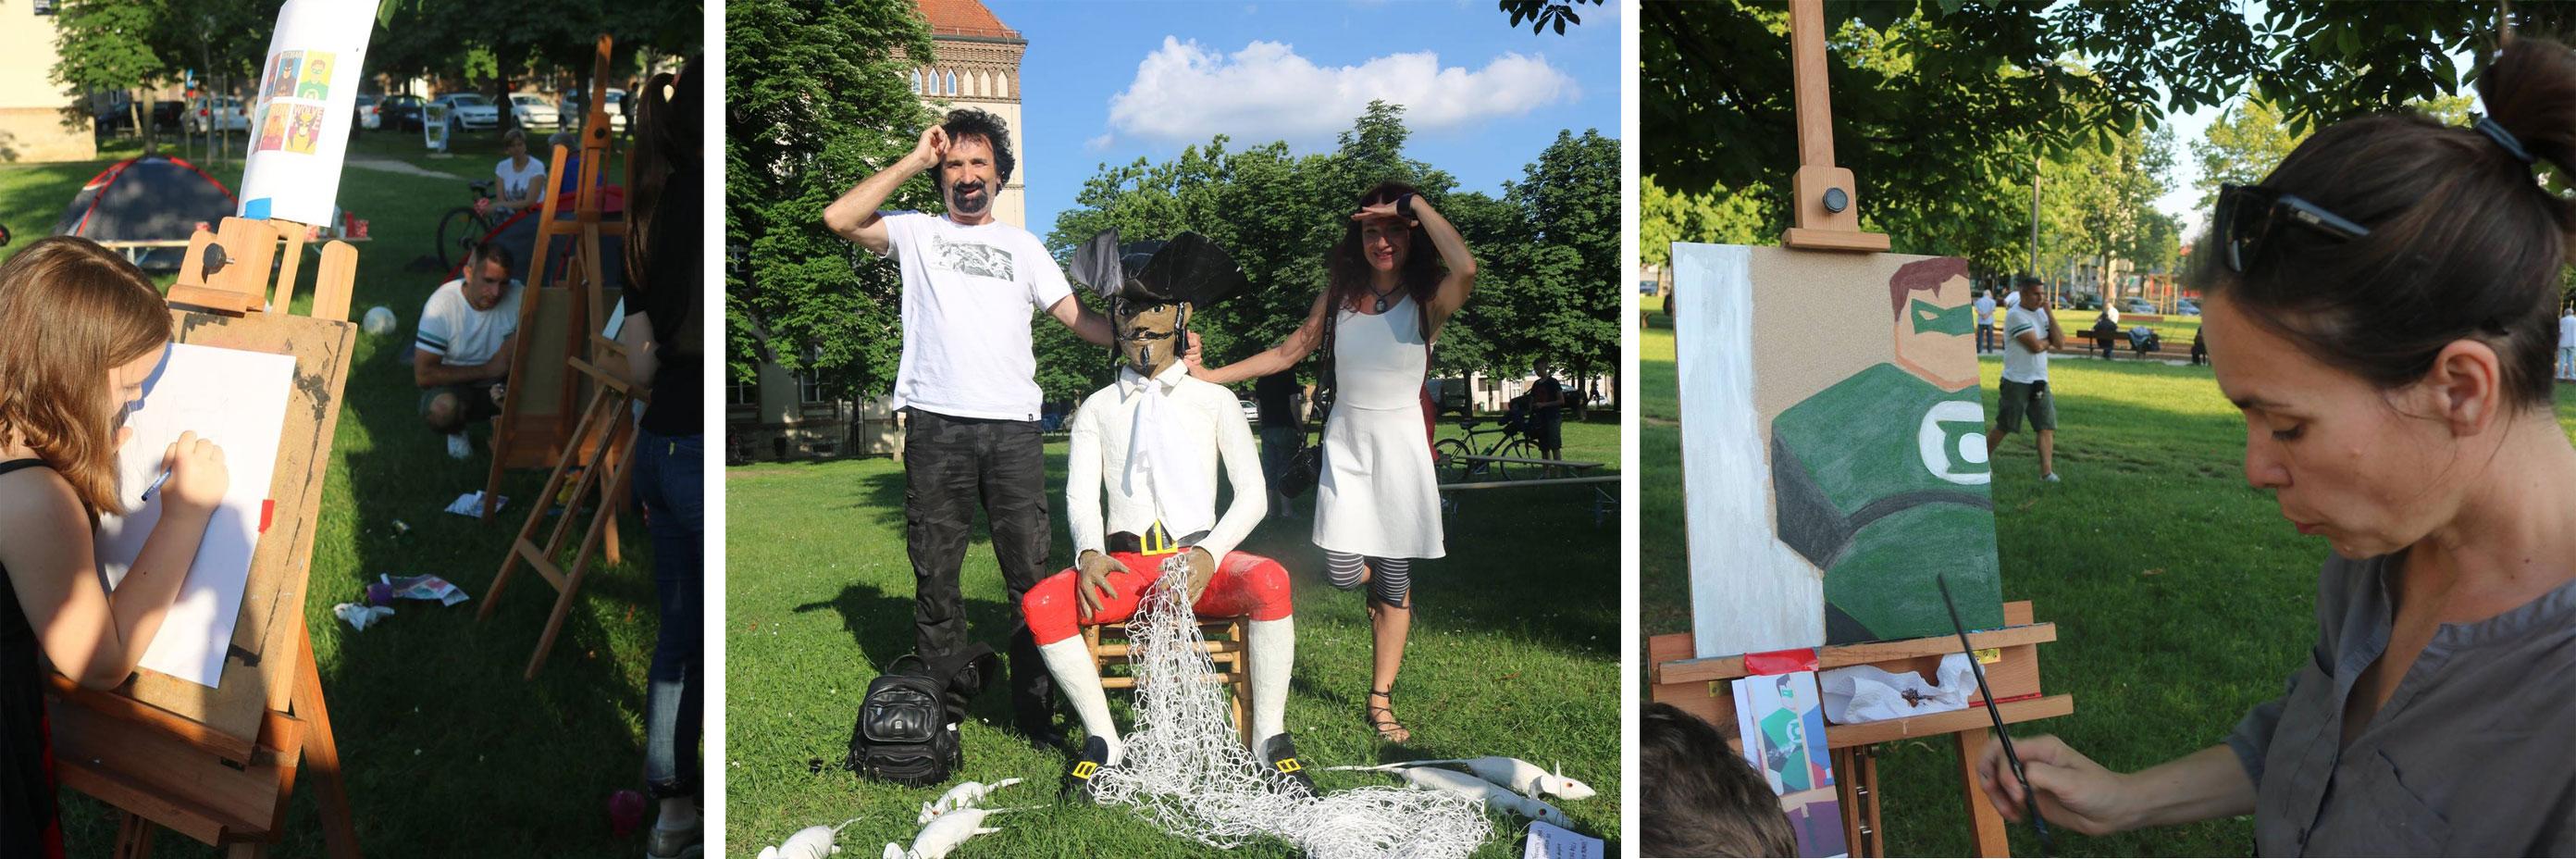 Pogledajte još sadržaja sa stranice Upoznavanje u Hrvatskoj - Dating Croatia na Facebooku.